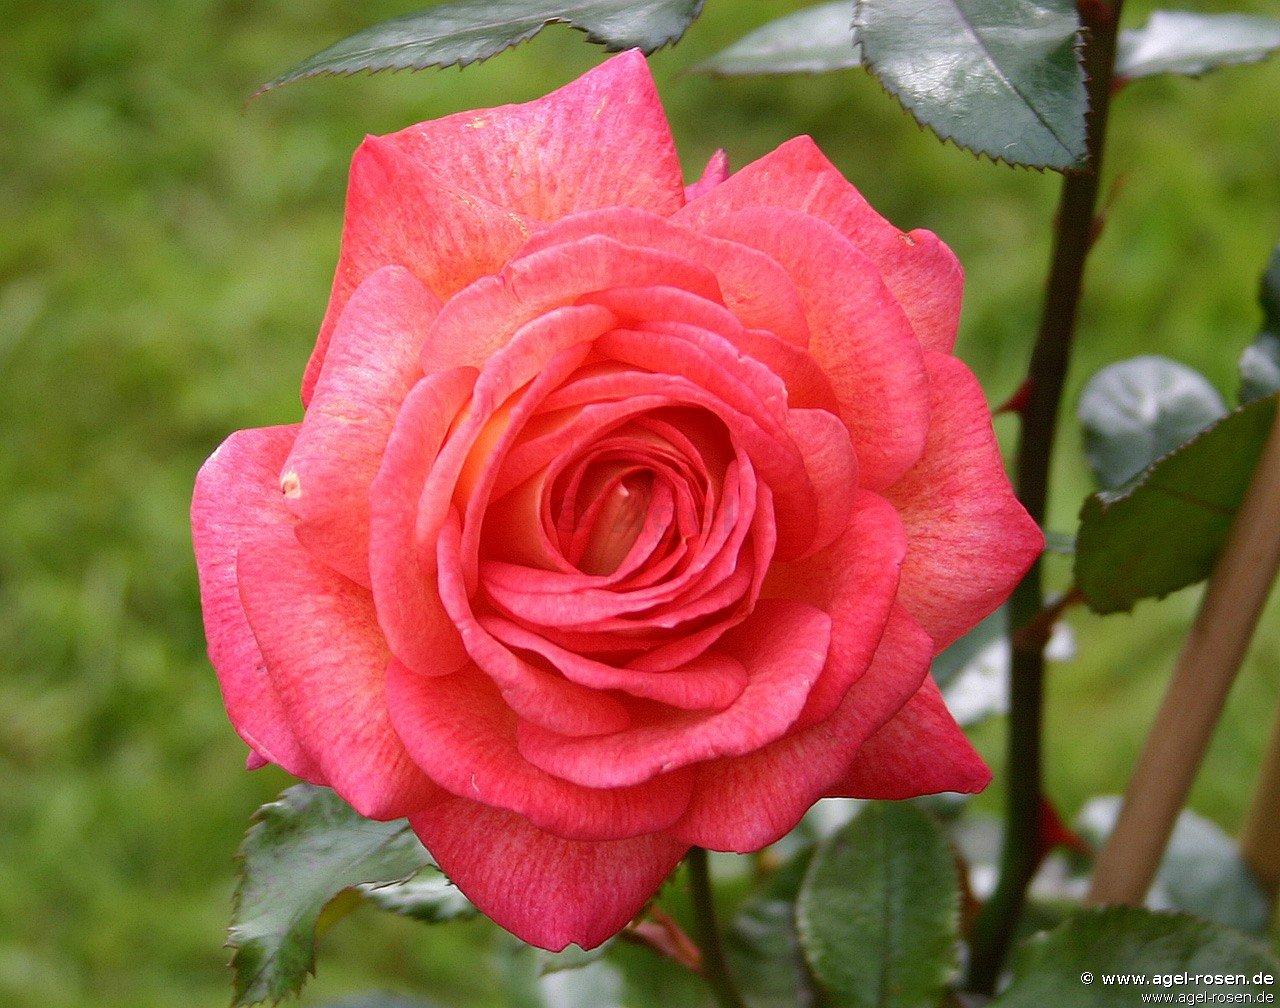 parfum de grasse r hybrid tea buy at agel rosen With katzennetz balkon mit rose garden parfum